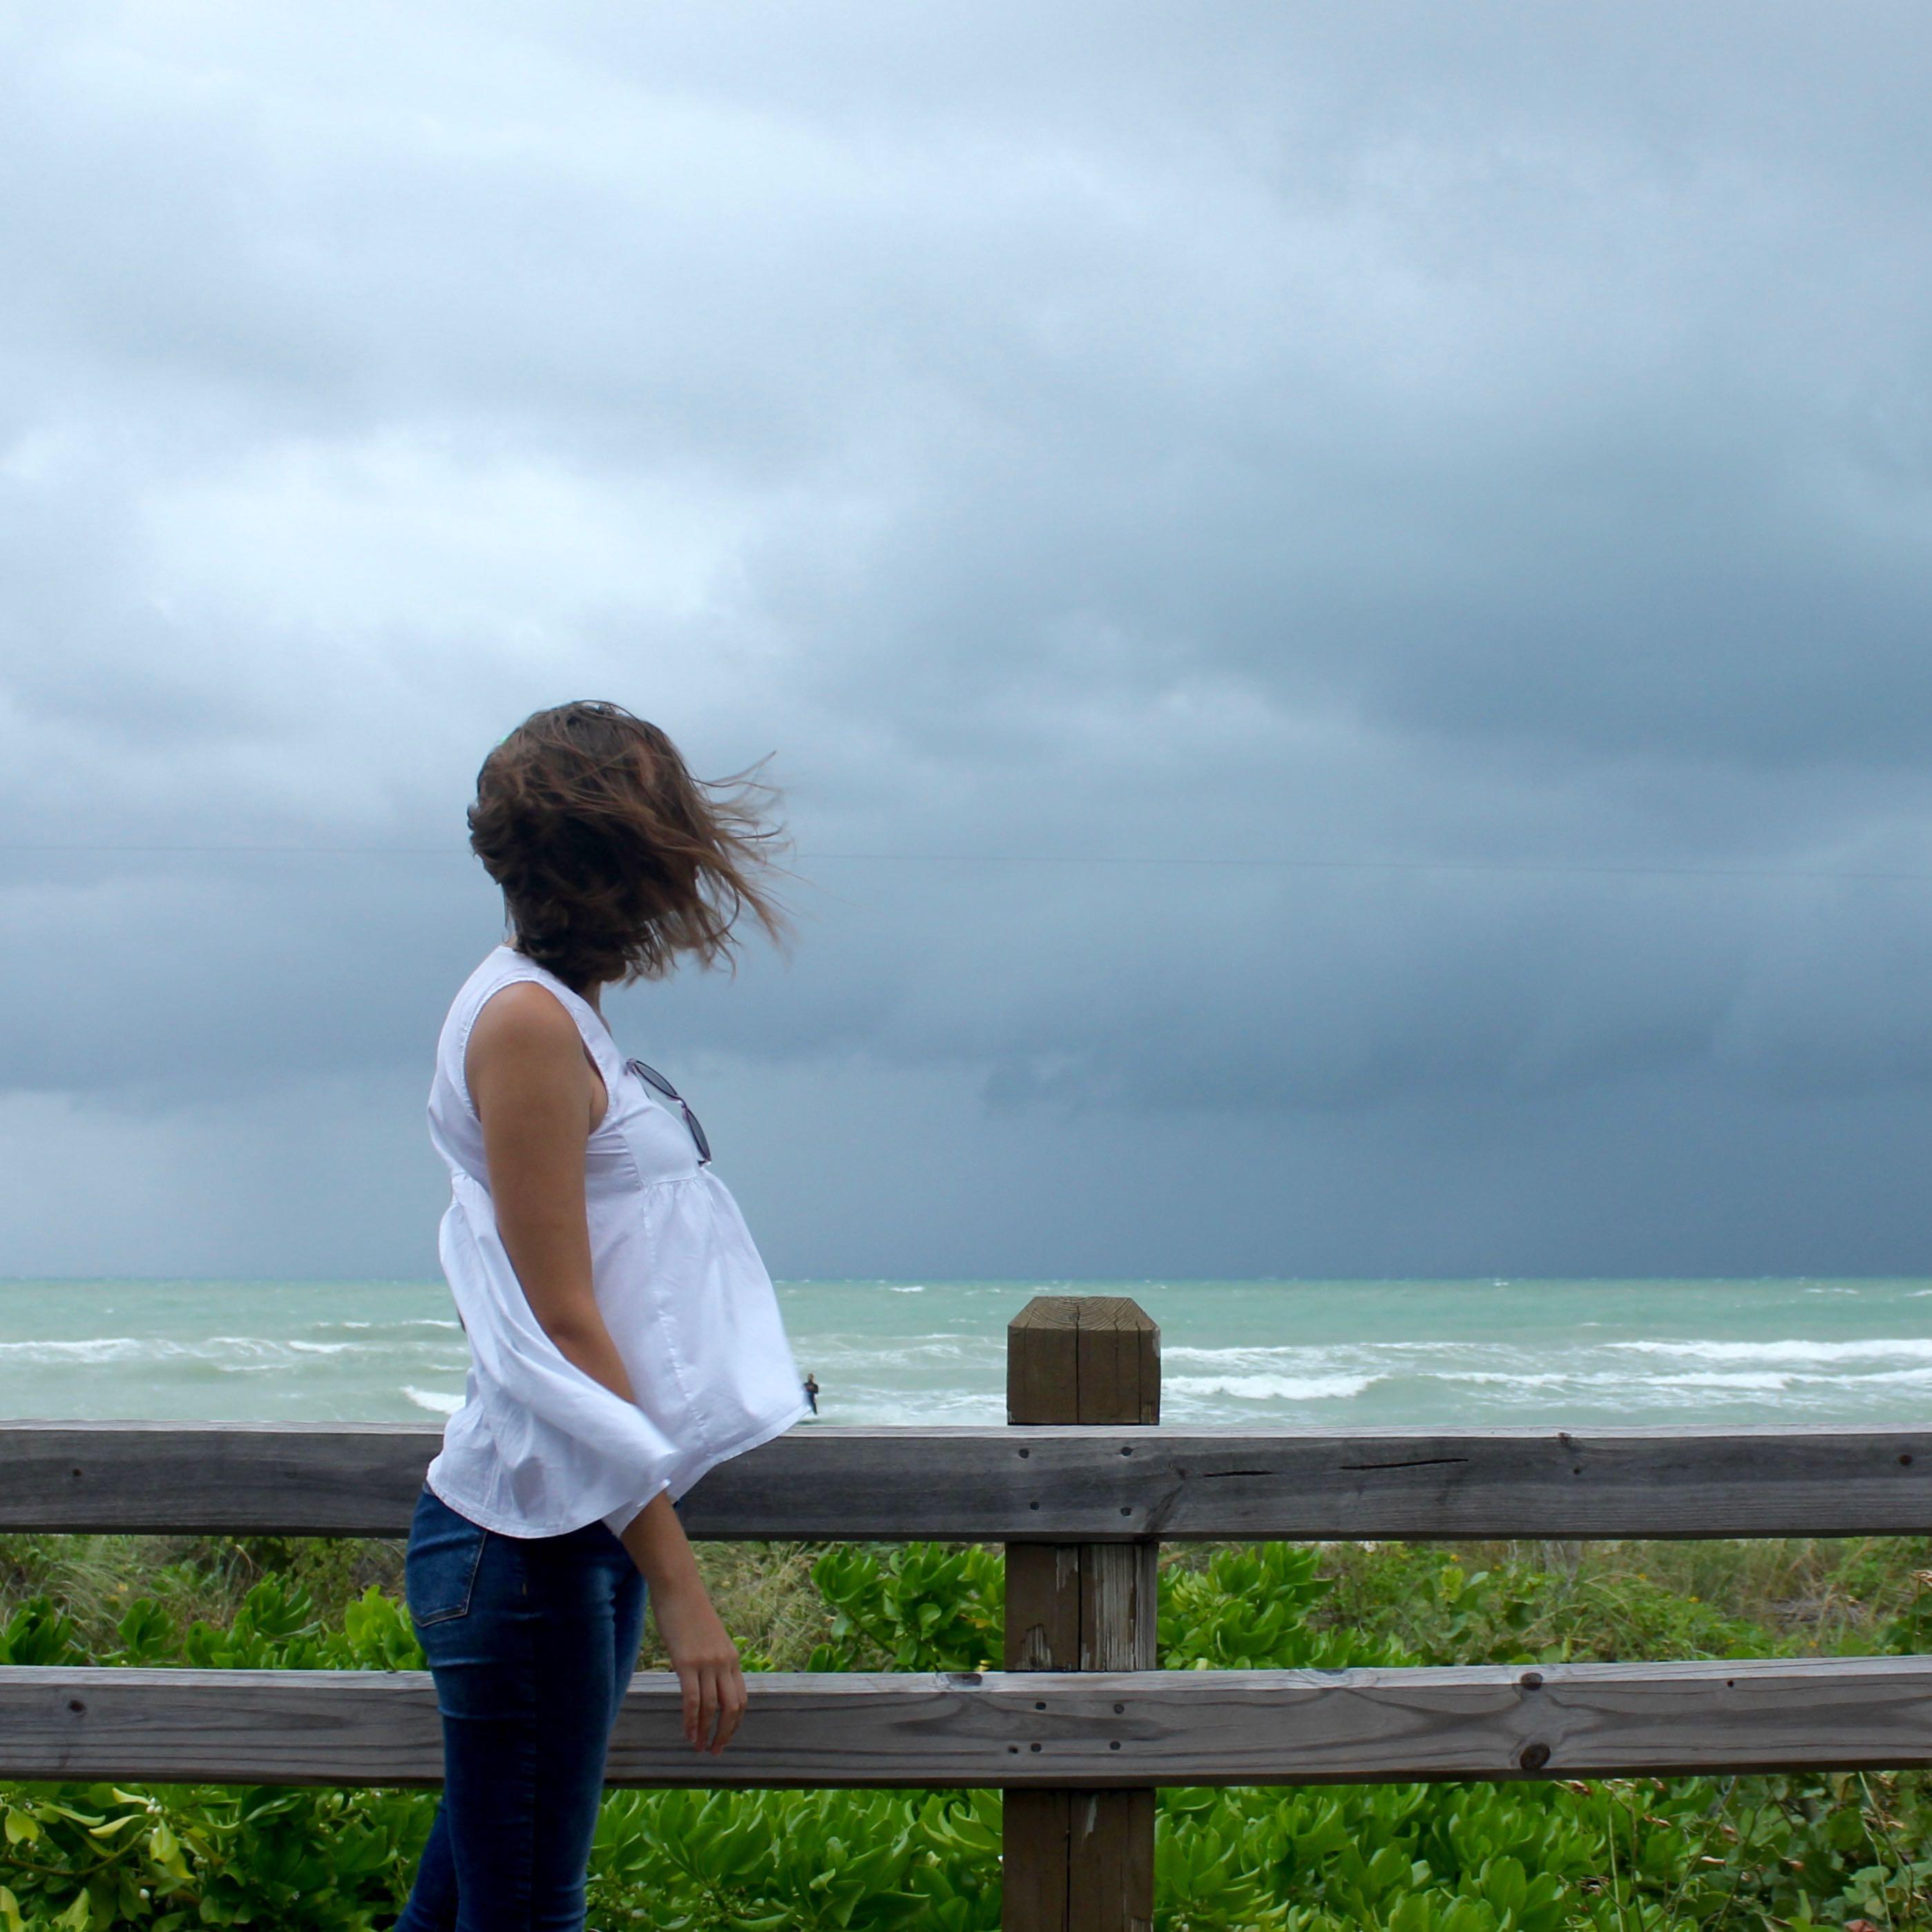 miami-beach-29